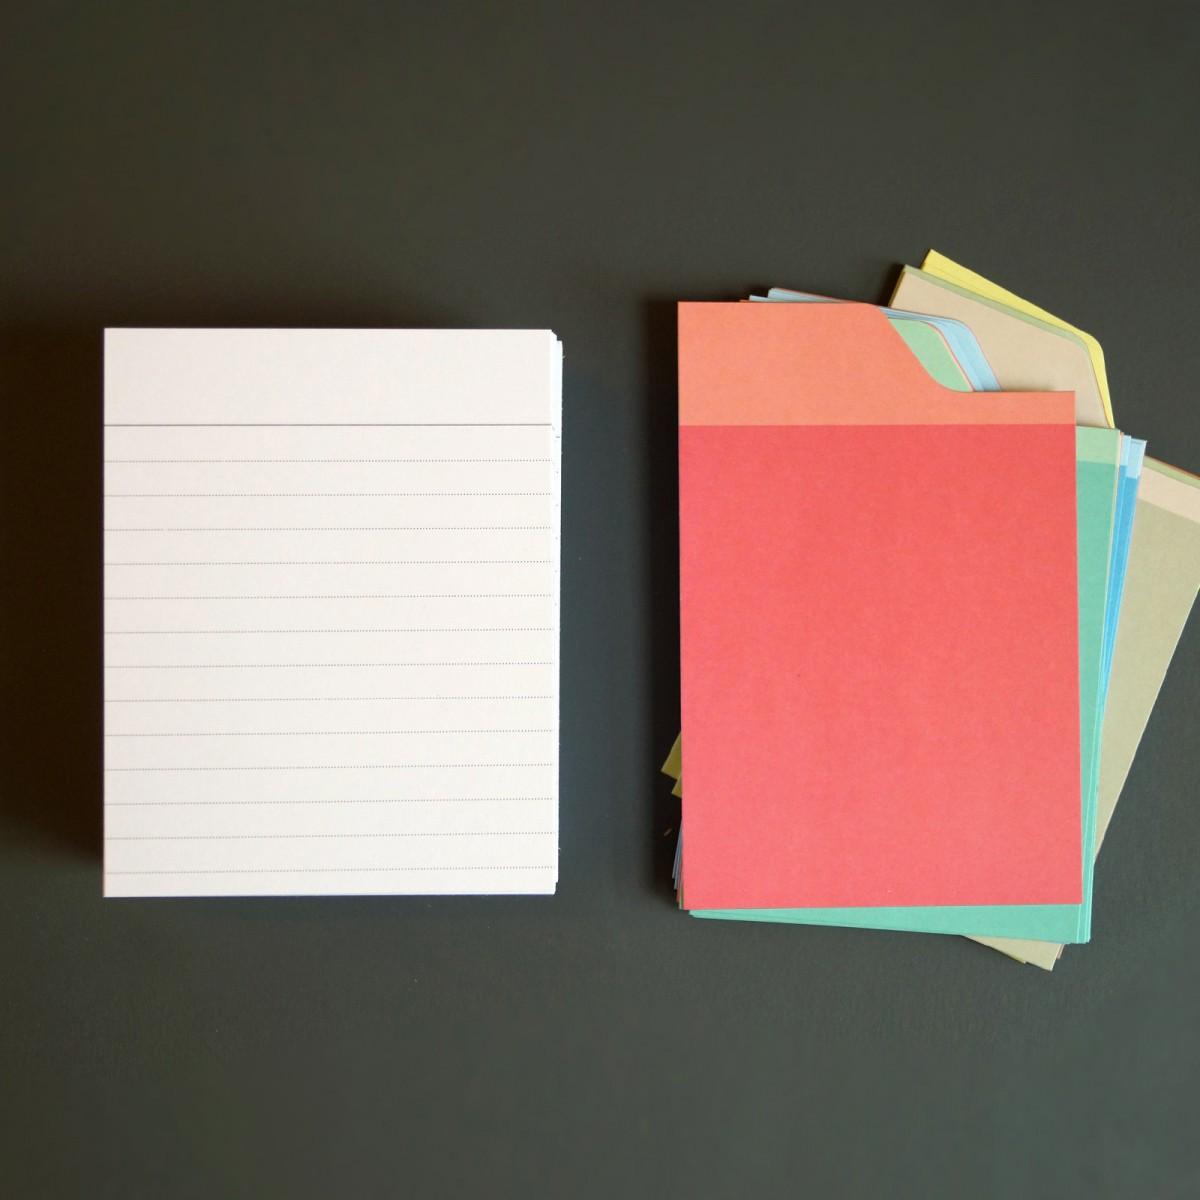 Box mit türkisfarbenem Deckel und Etikettenschild, Sammelbox mit Registern und Blankokarten, Kiste zum Aufbewahren, sperlingb.design